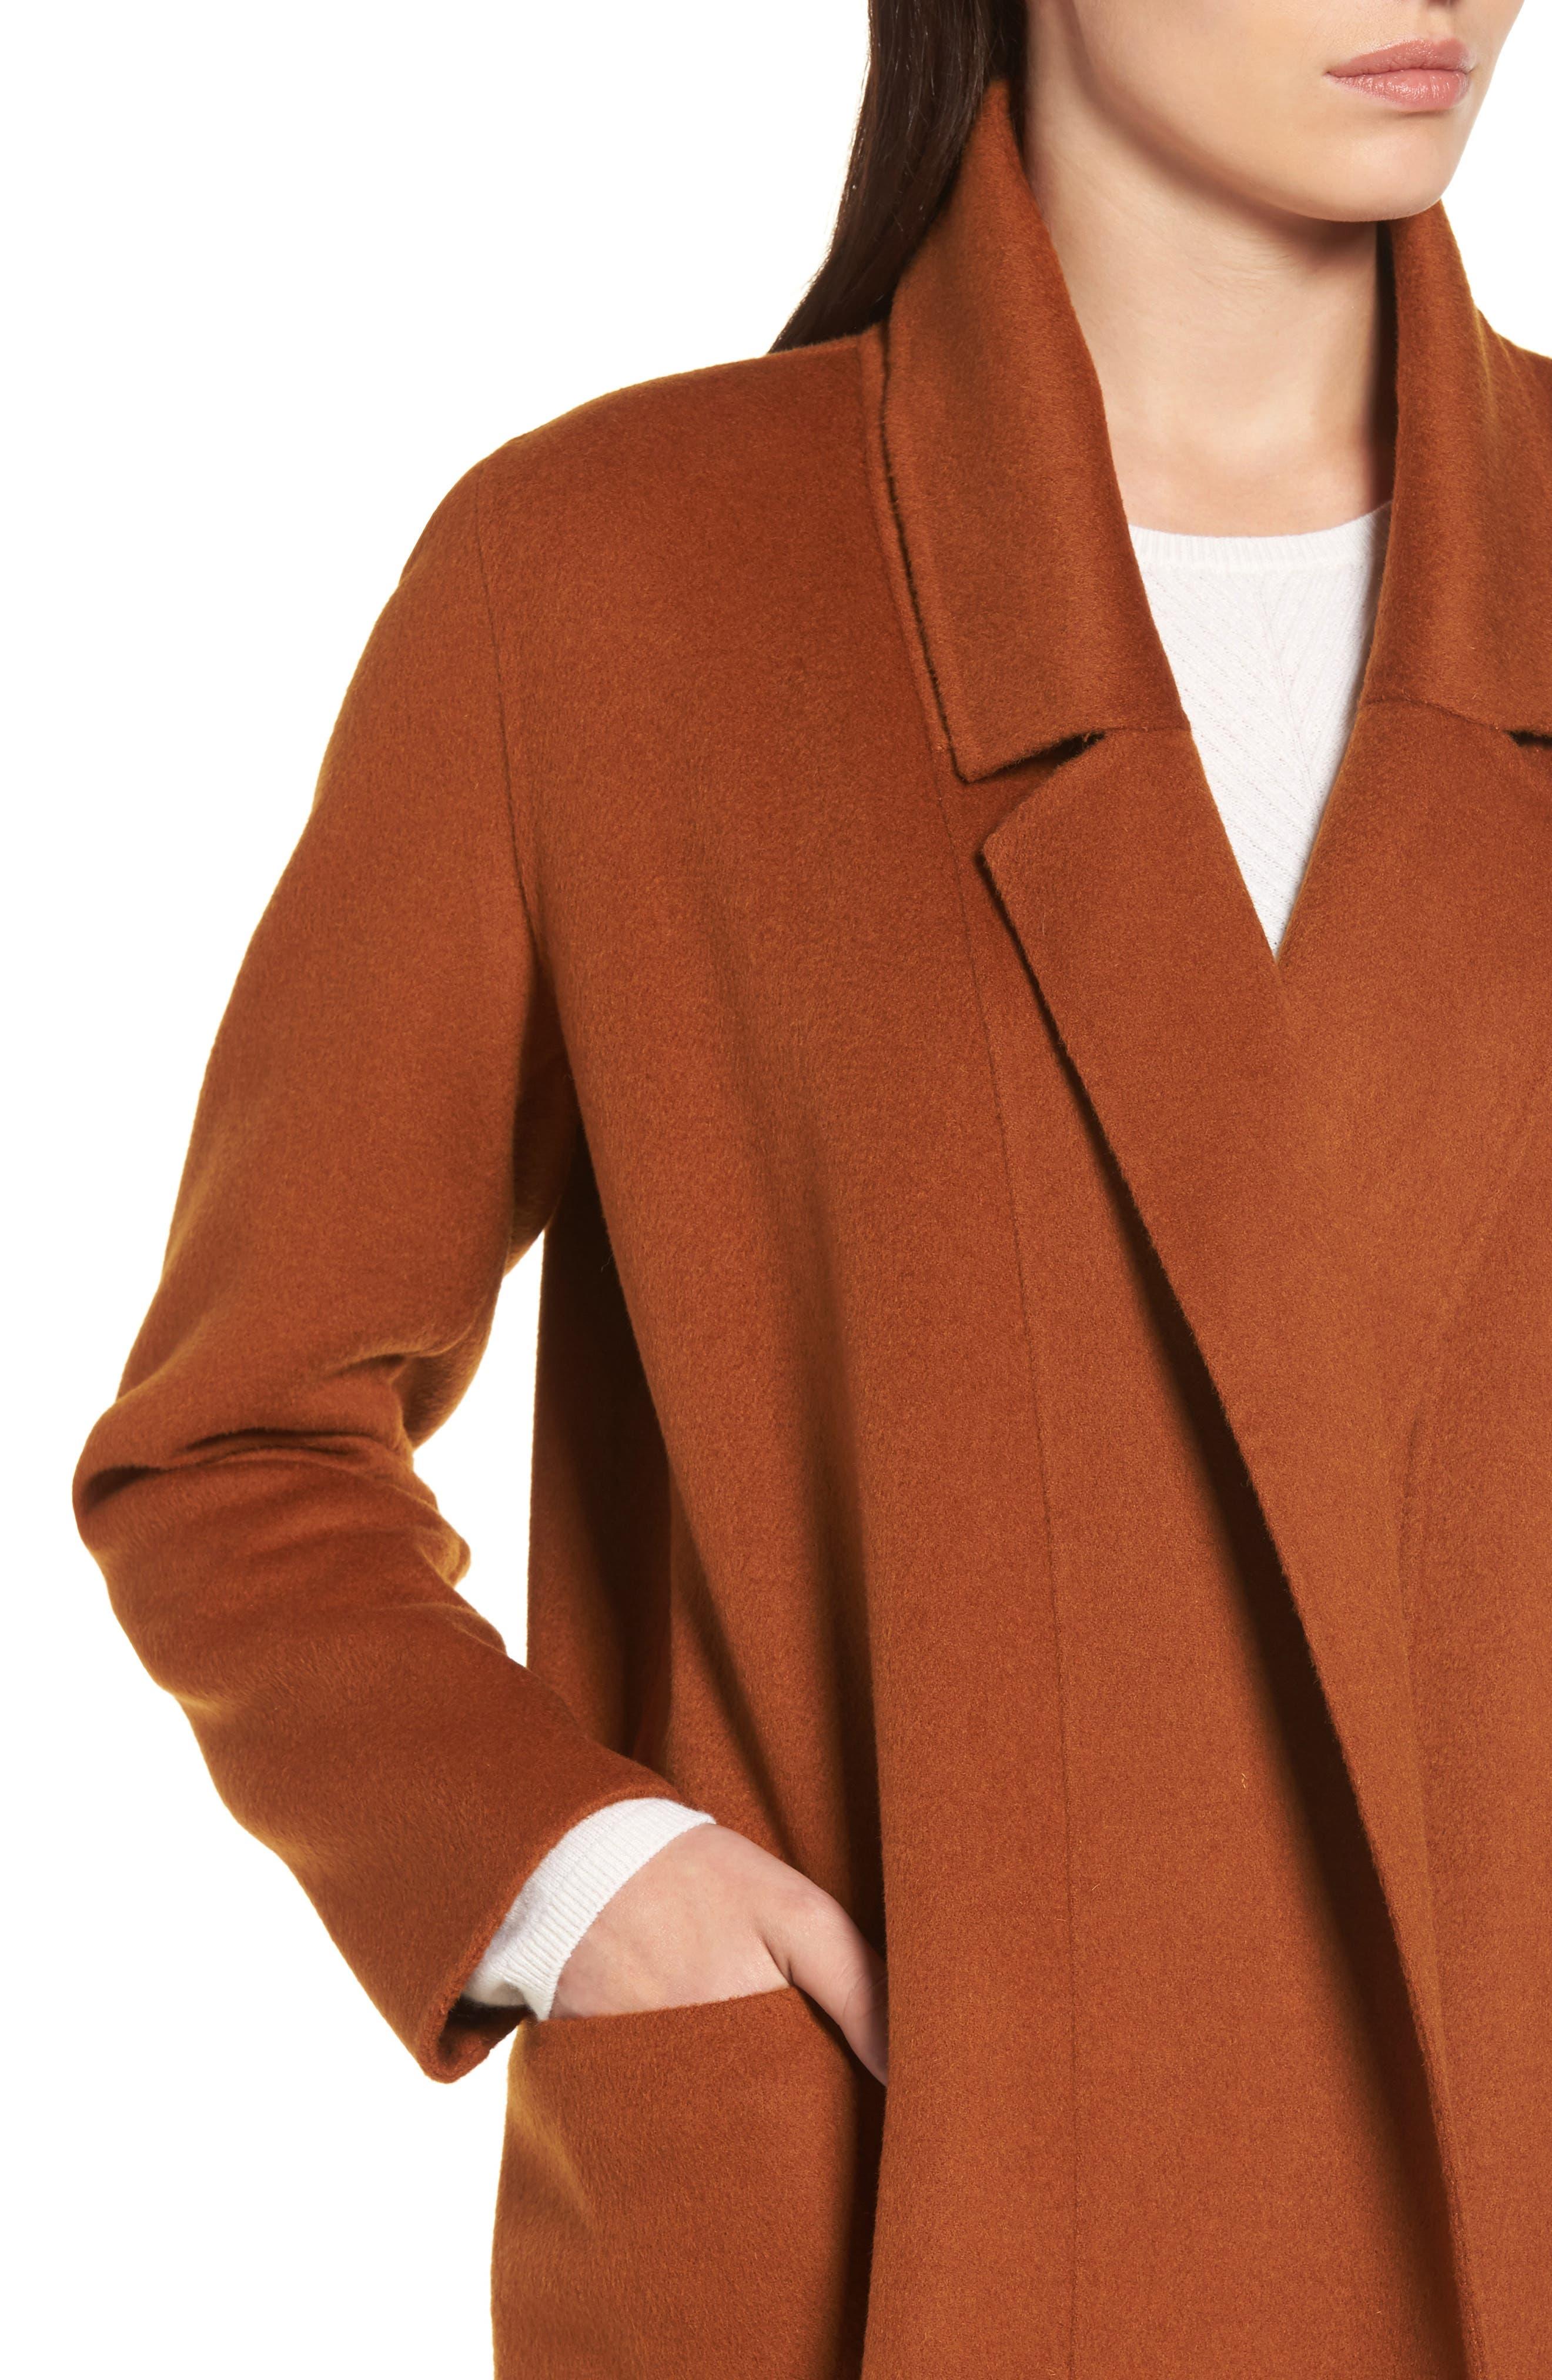 Ellie Notch Wool & Cashmere Duster Coat,                             Alternate thumbnail 4, color,                             200